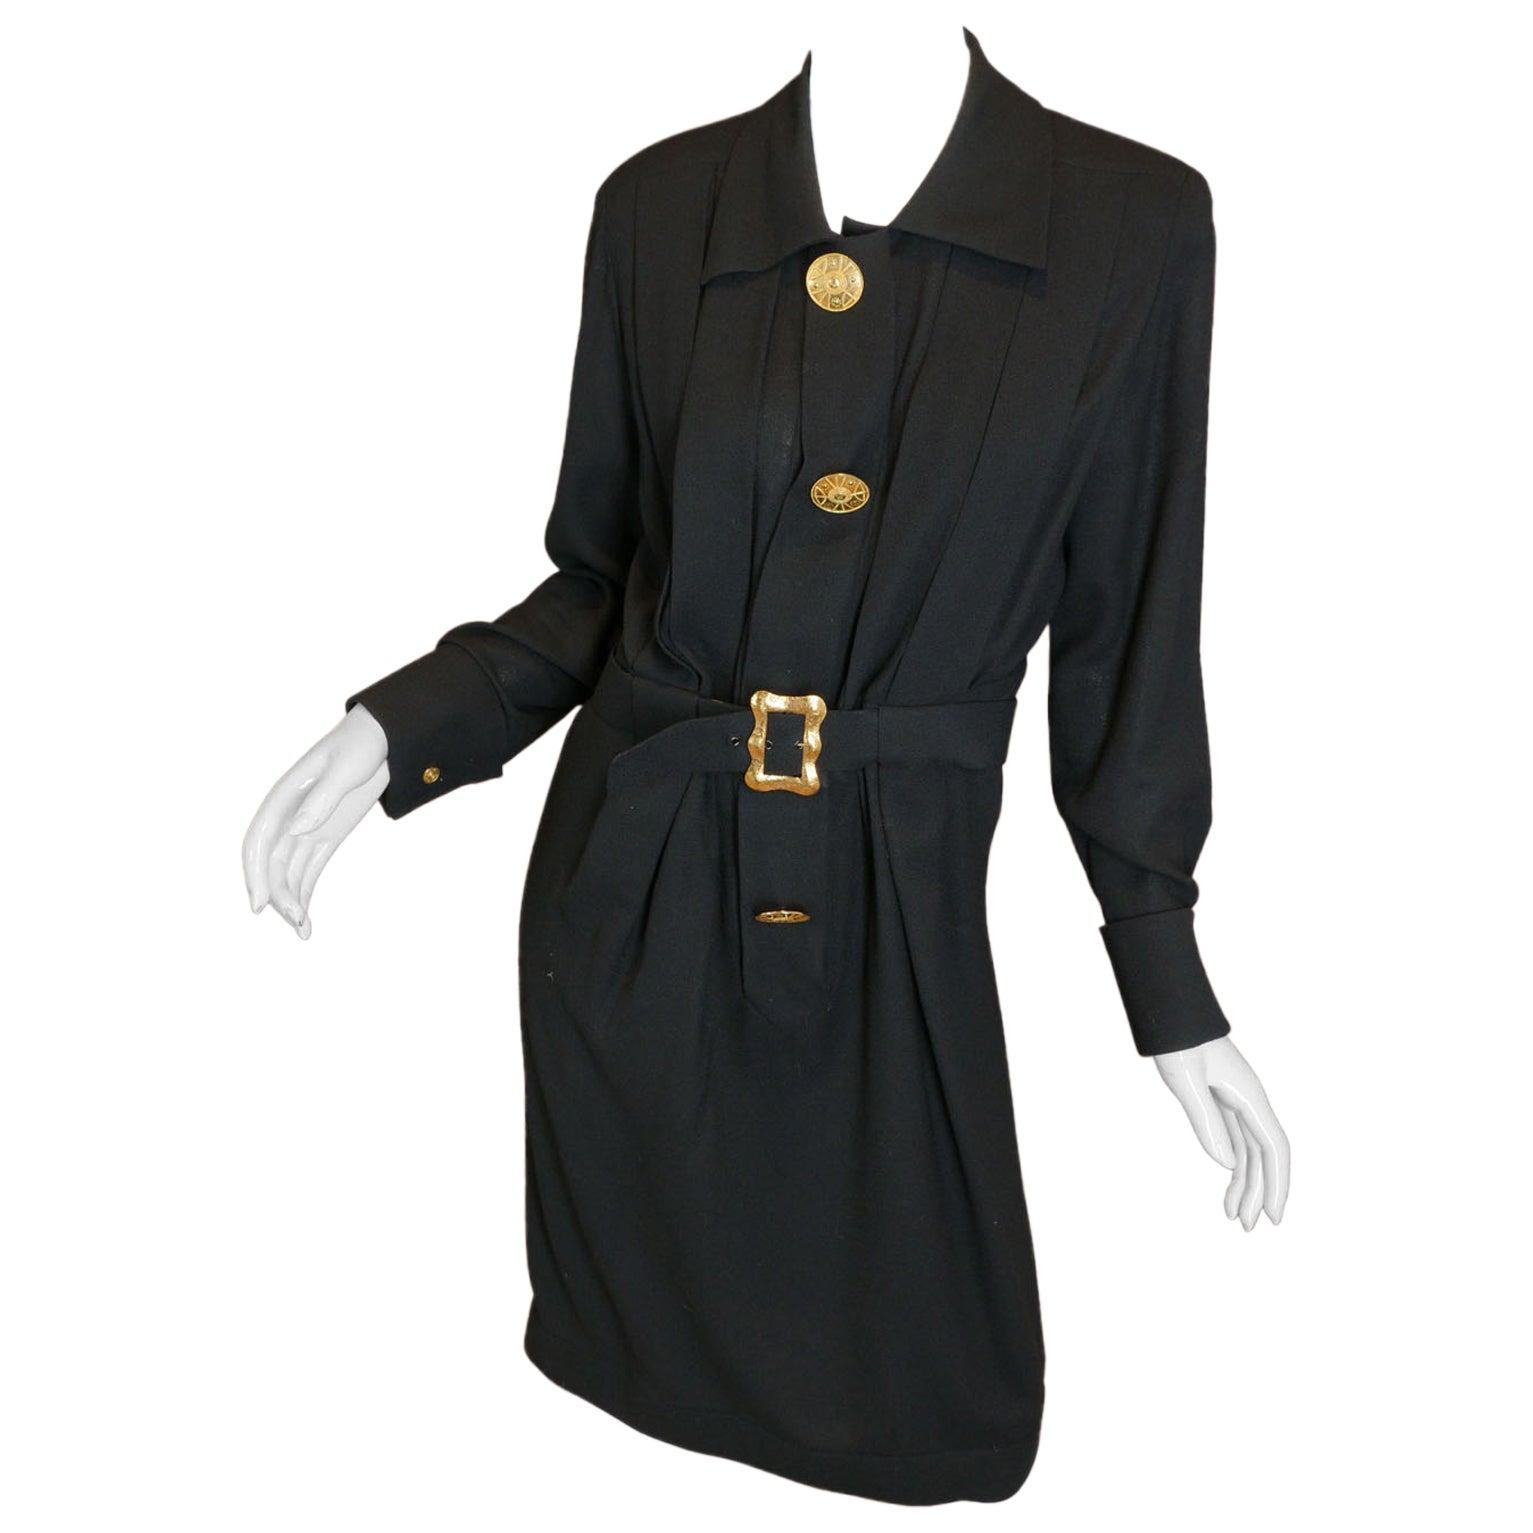 Chanel Boutique Black Belt Dress w/ Gold Hardware